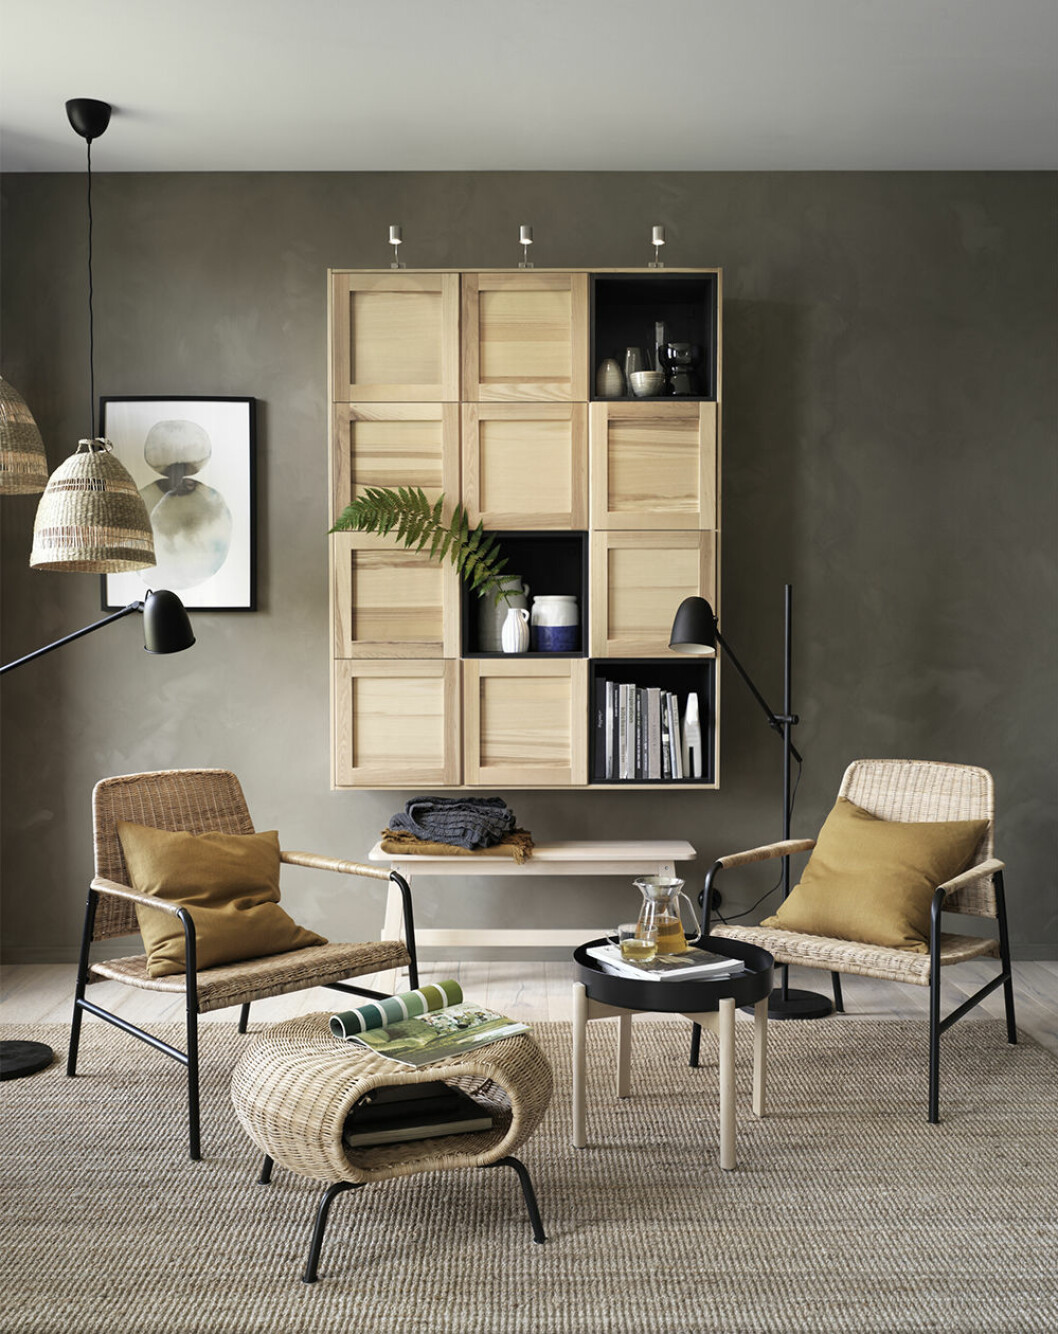 Detaljer och möbler i sjögräs från Ikea